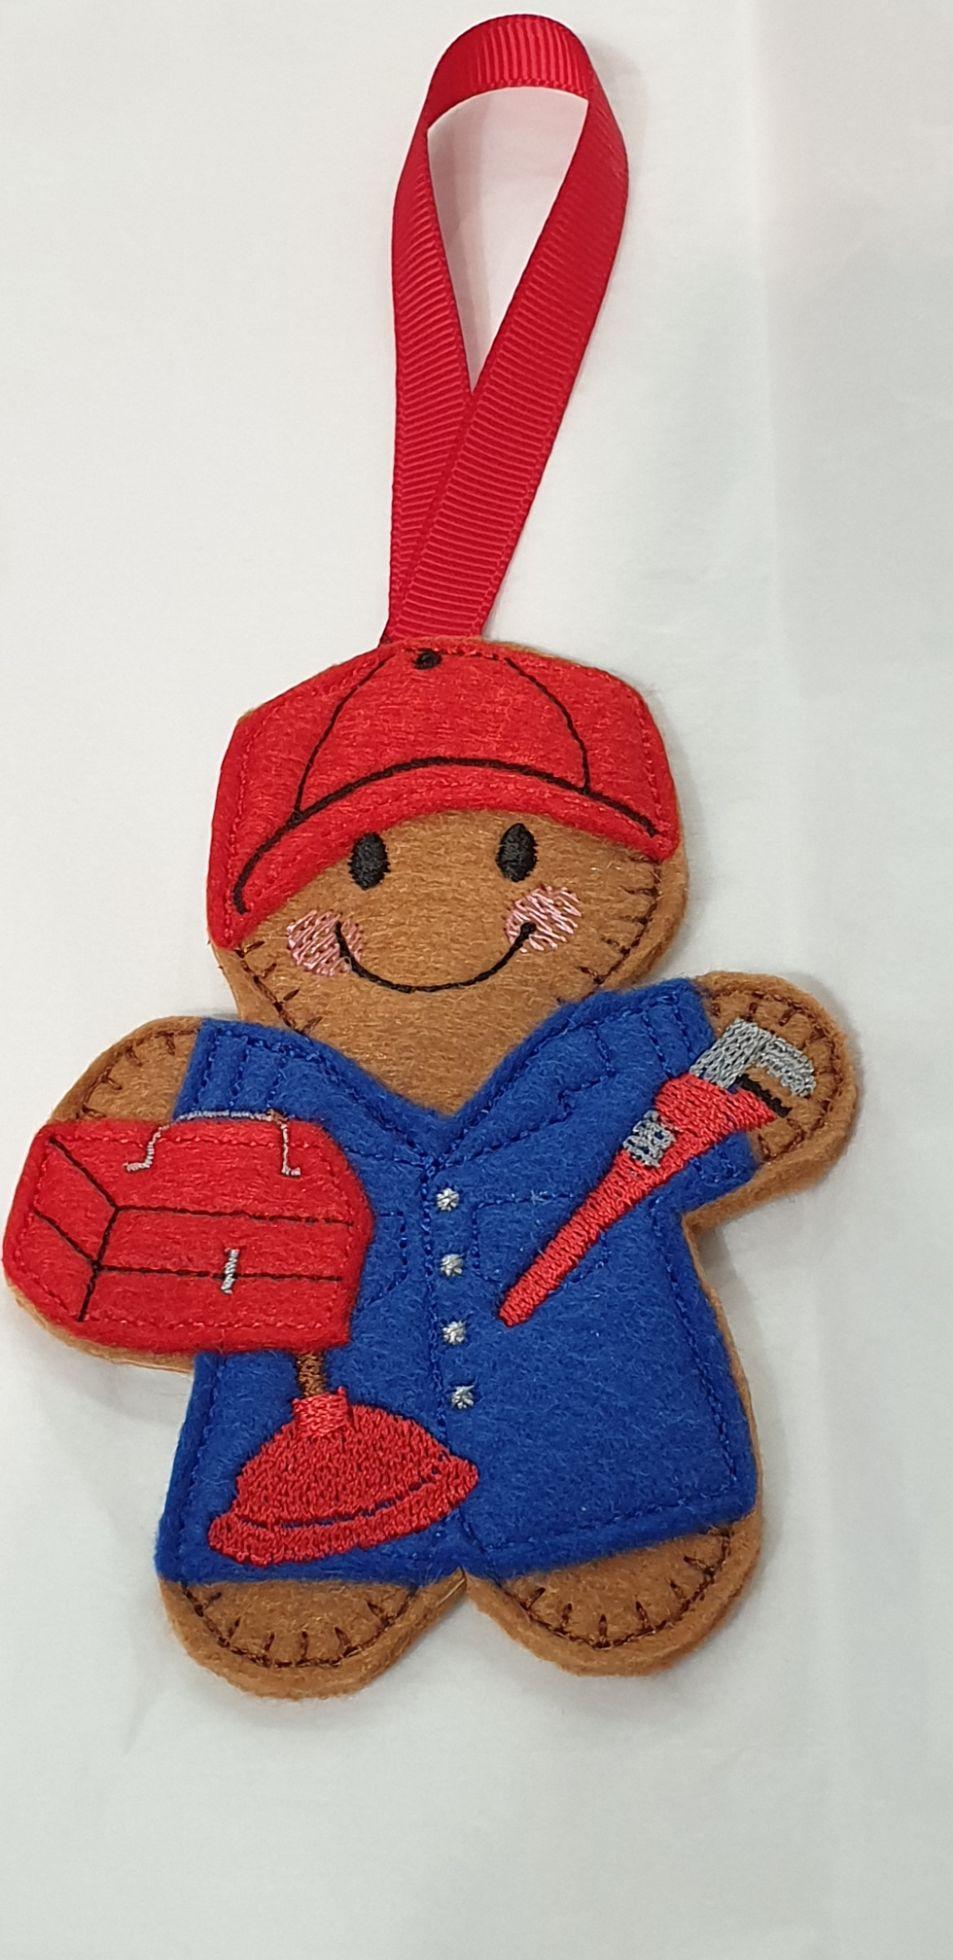 Plumber Gingerbread